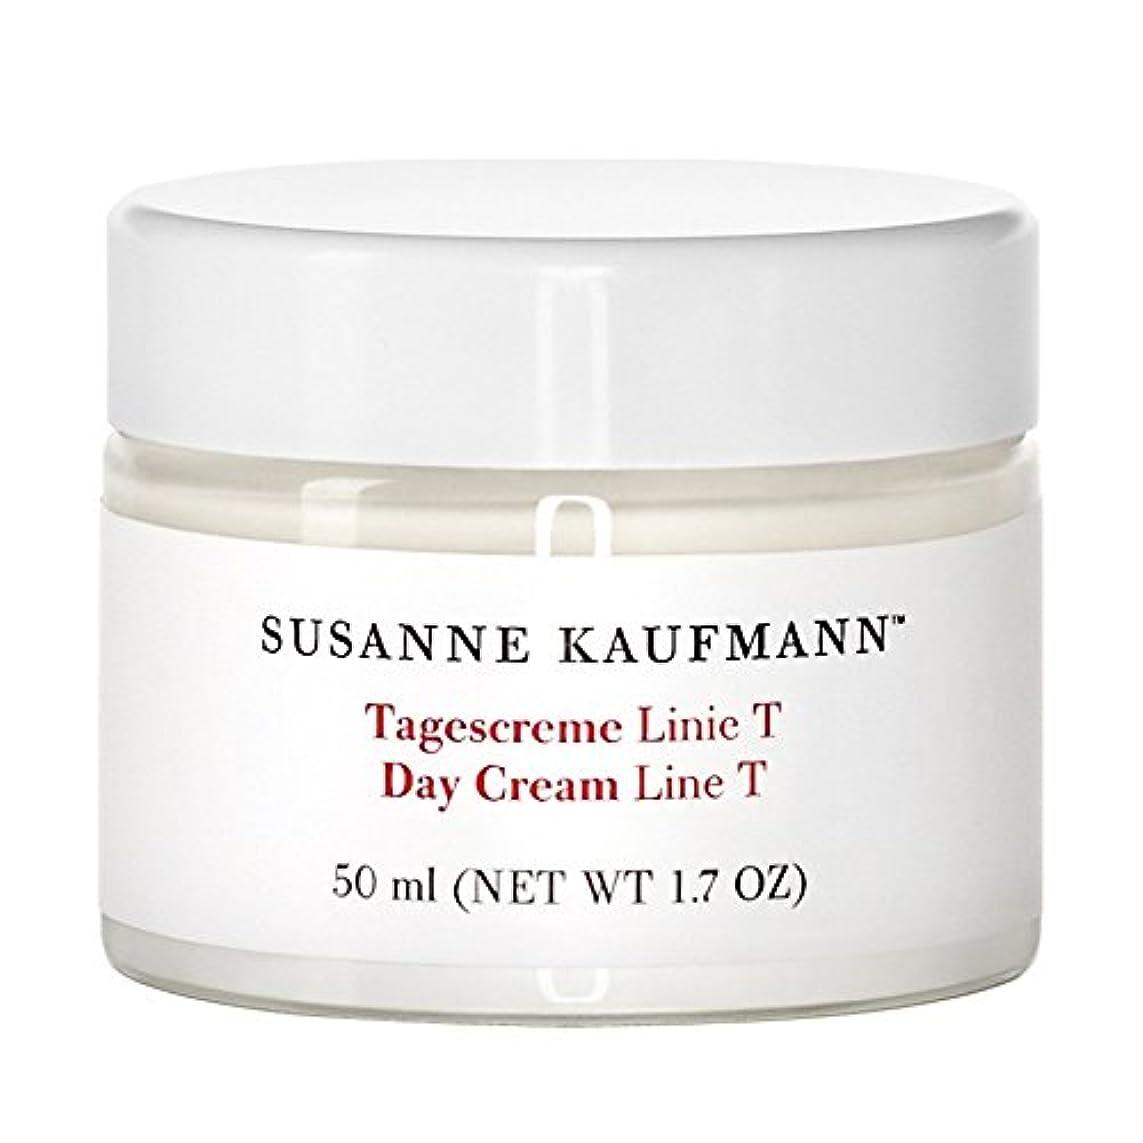 ニッケル櫛賄賂Susanne Kaufmann Day Cream Line T 50ml (Pack of 6) - スザンヌカウフマン日クリームライントンの50ミリリットル x6 [並行輸入品]